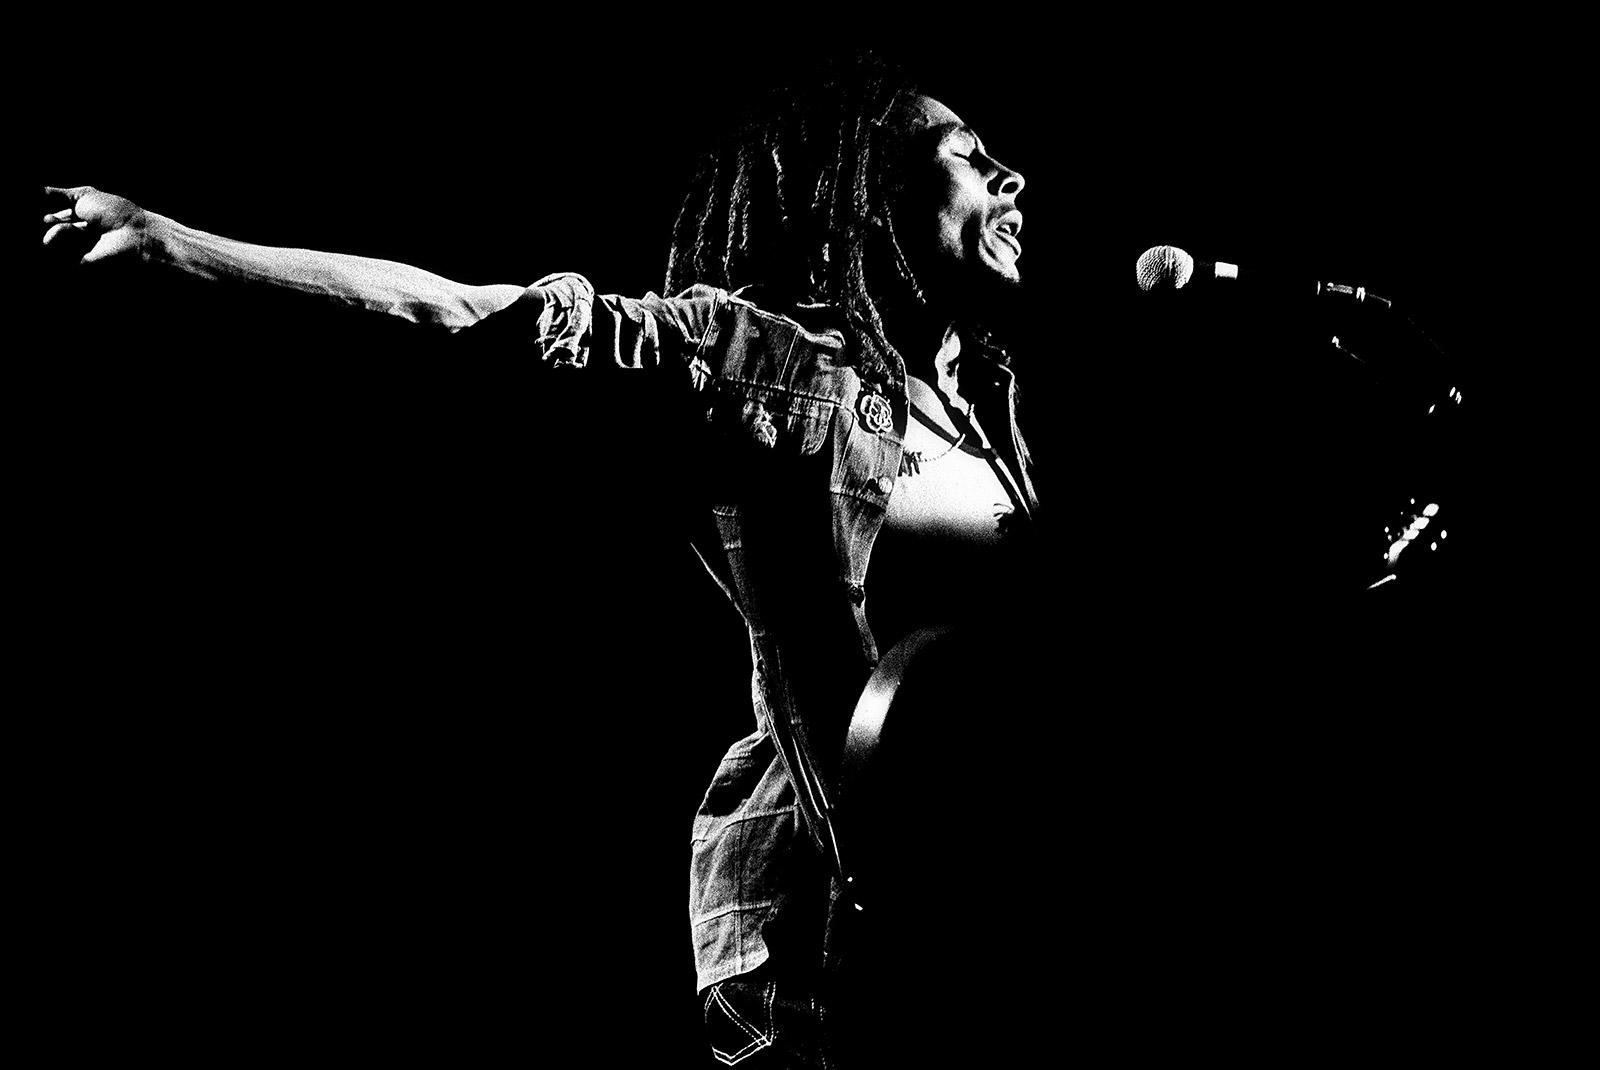 Боб Марли, Лос-Анджелес, 1979 (photo © Neil Preston)